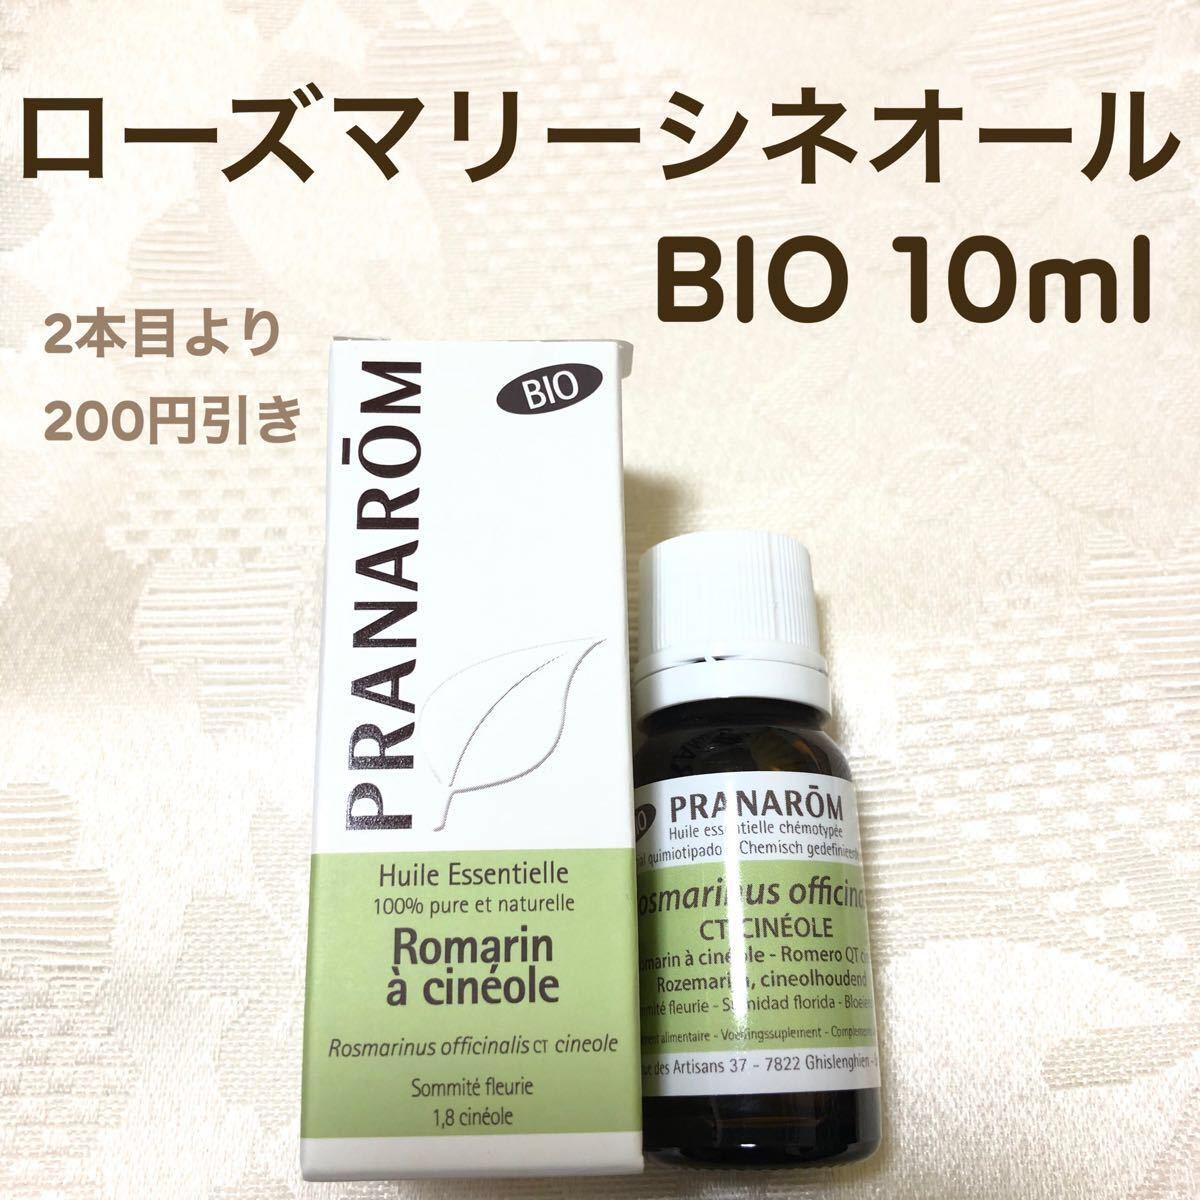 【ローズマリーシネオール BIO 】10ml プラナロム 精油